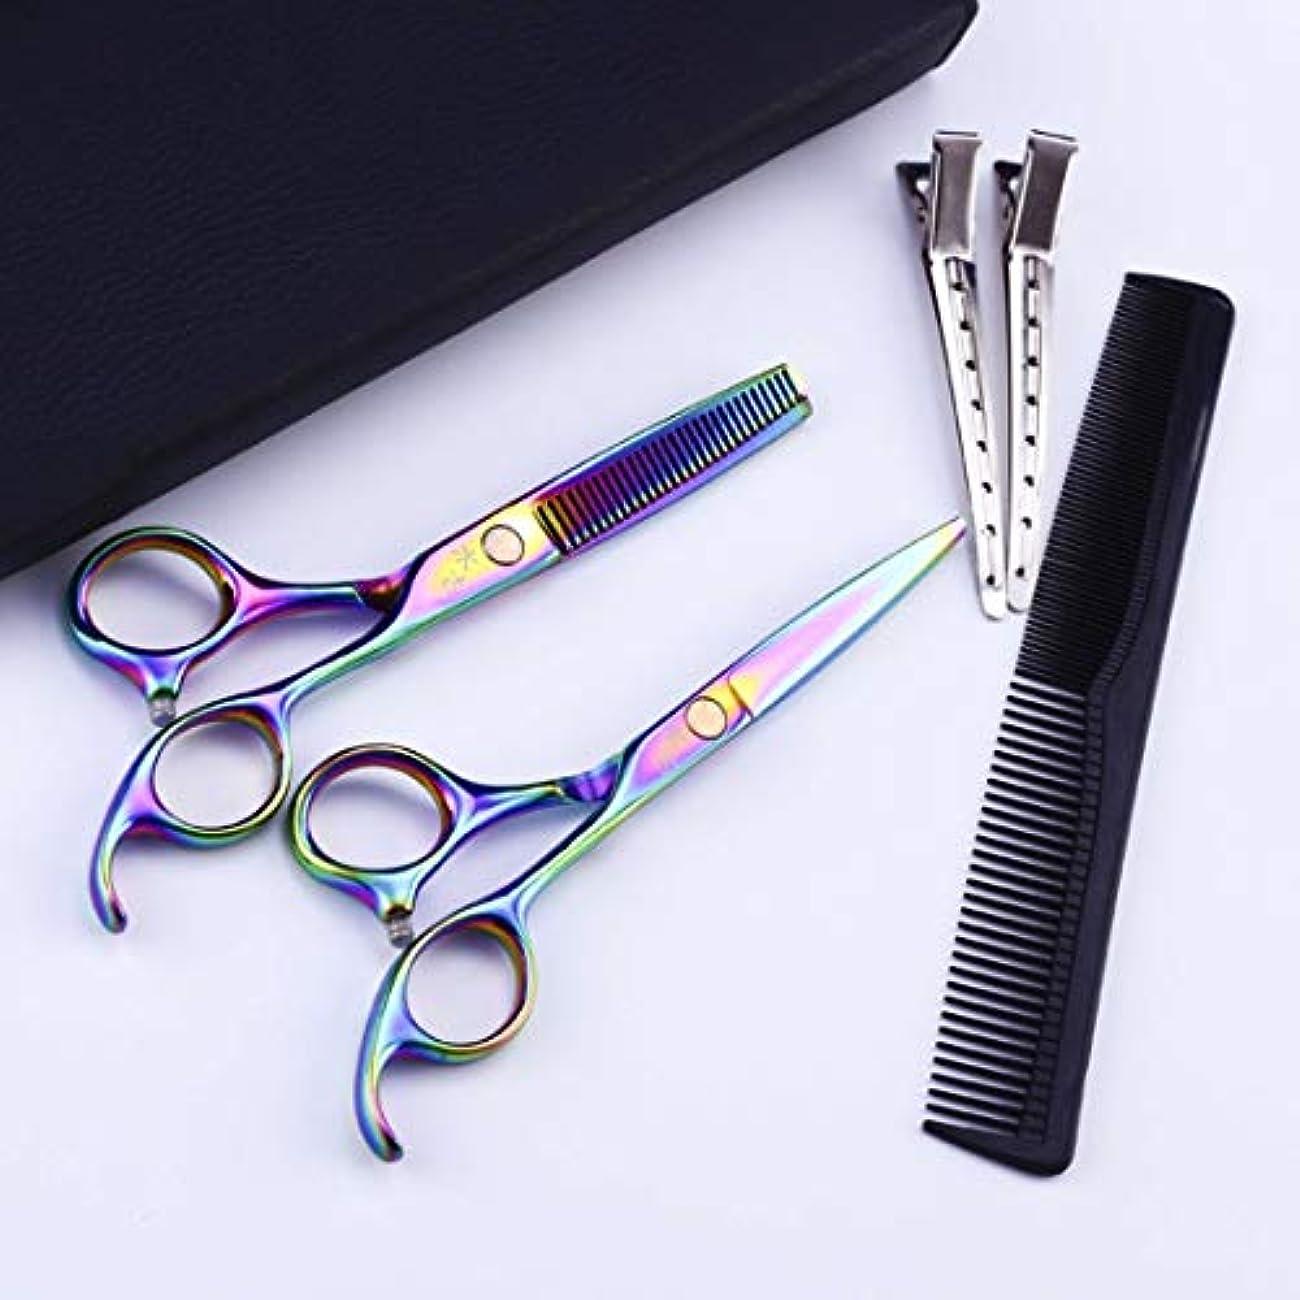 妊娠した内部気づくなるJiaoran カラフルな理髪はさみ、5.5インチプロはさみセットフラットはさみ+歯はさみセット (Color : Colorful)